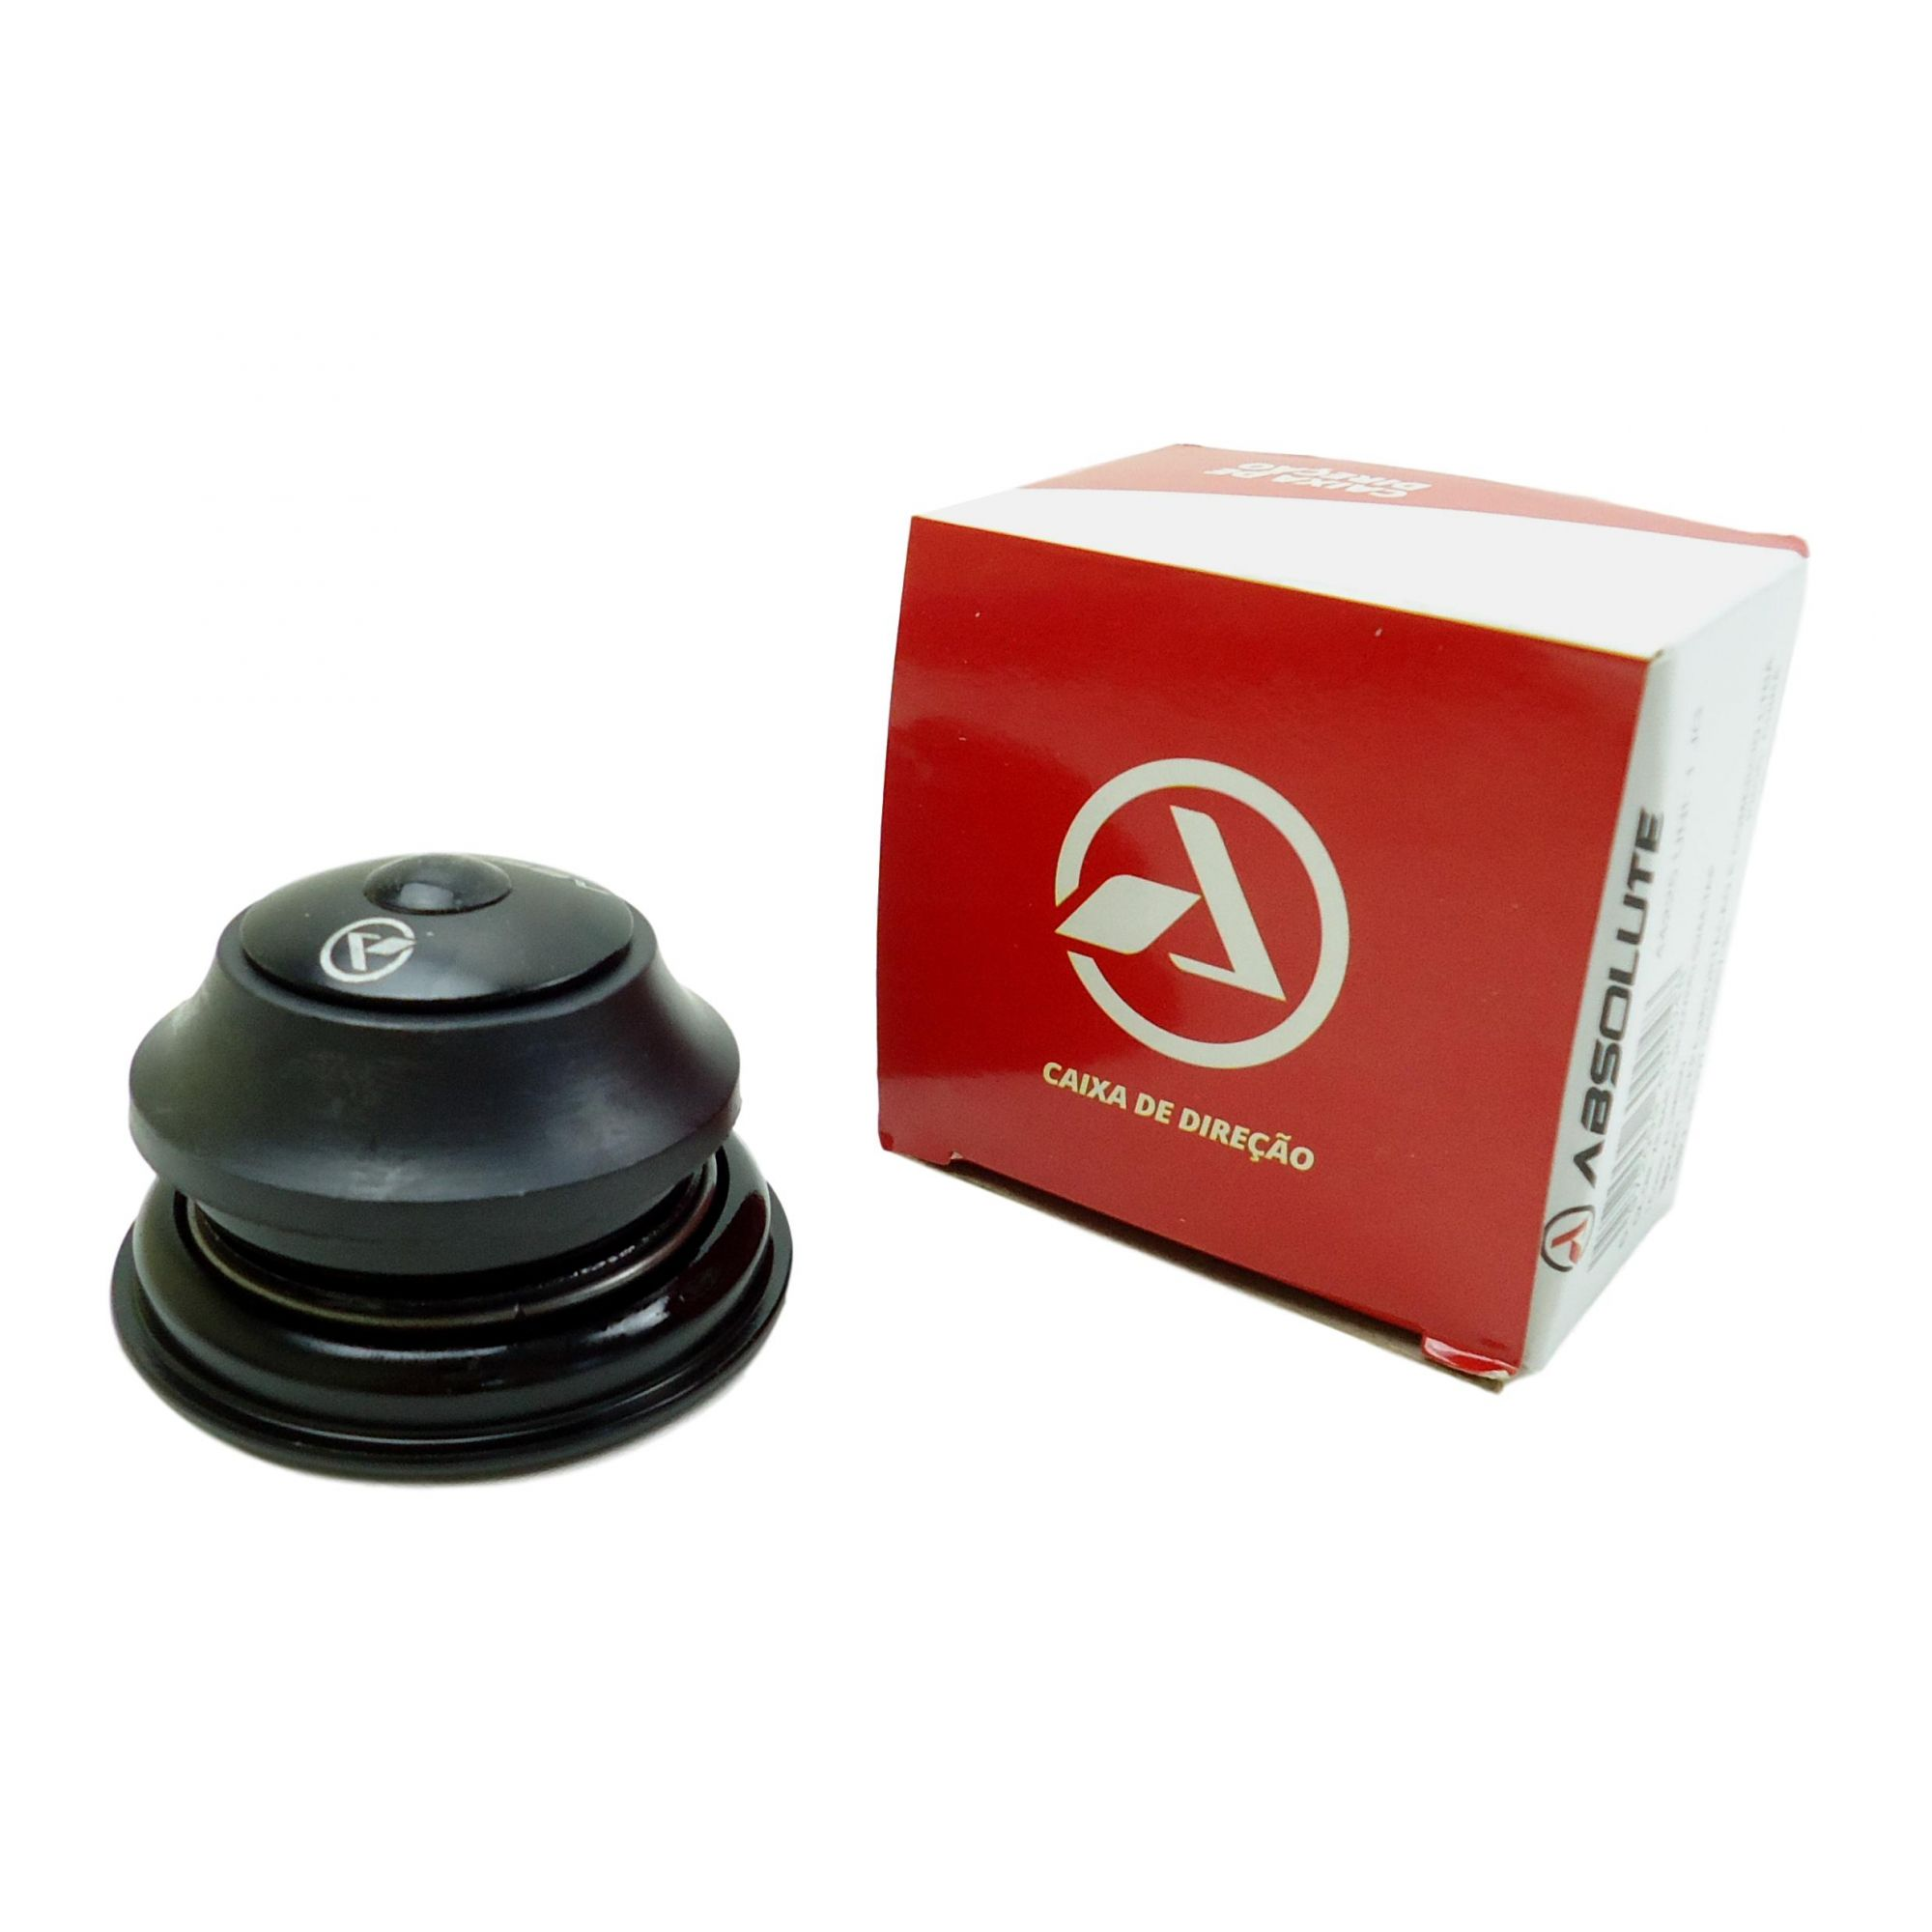 Caixa de Direção Absolute Tapered Semi-Integrada Cônica 55mm e 44mm Com Esferas Para First Athymus TSW Audax